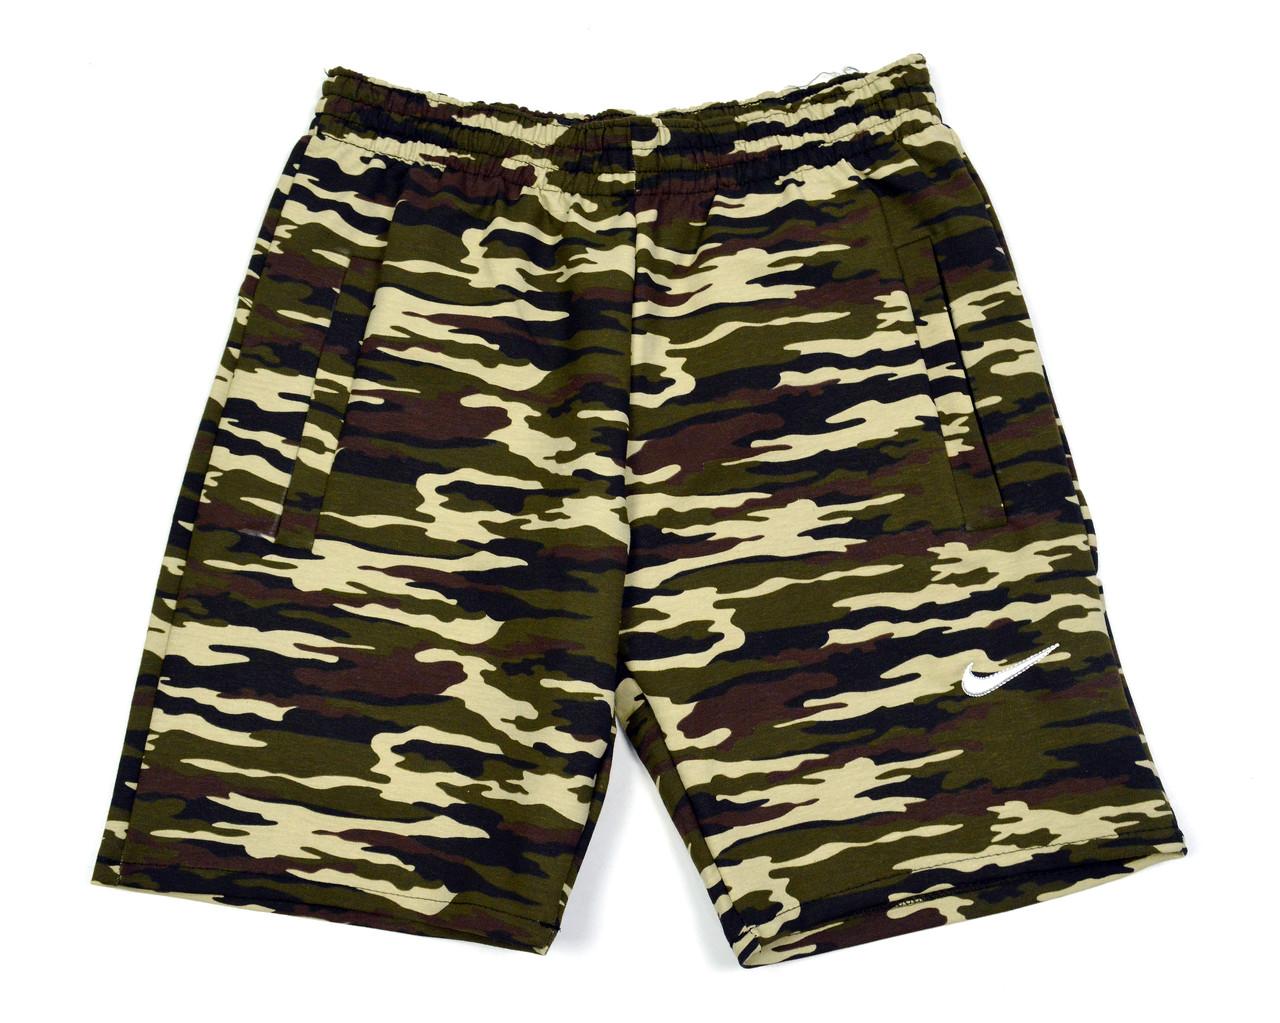 Мужские шорты NIKE камуфляжного цвета